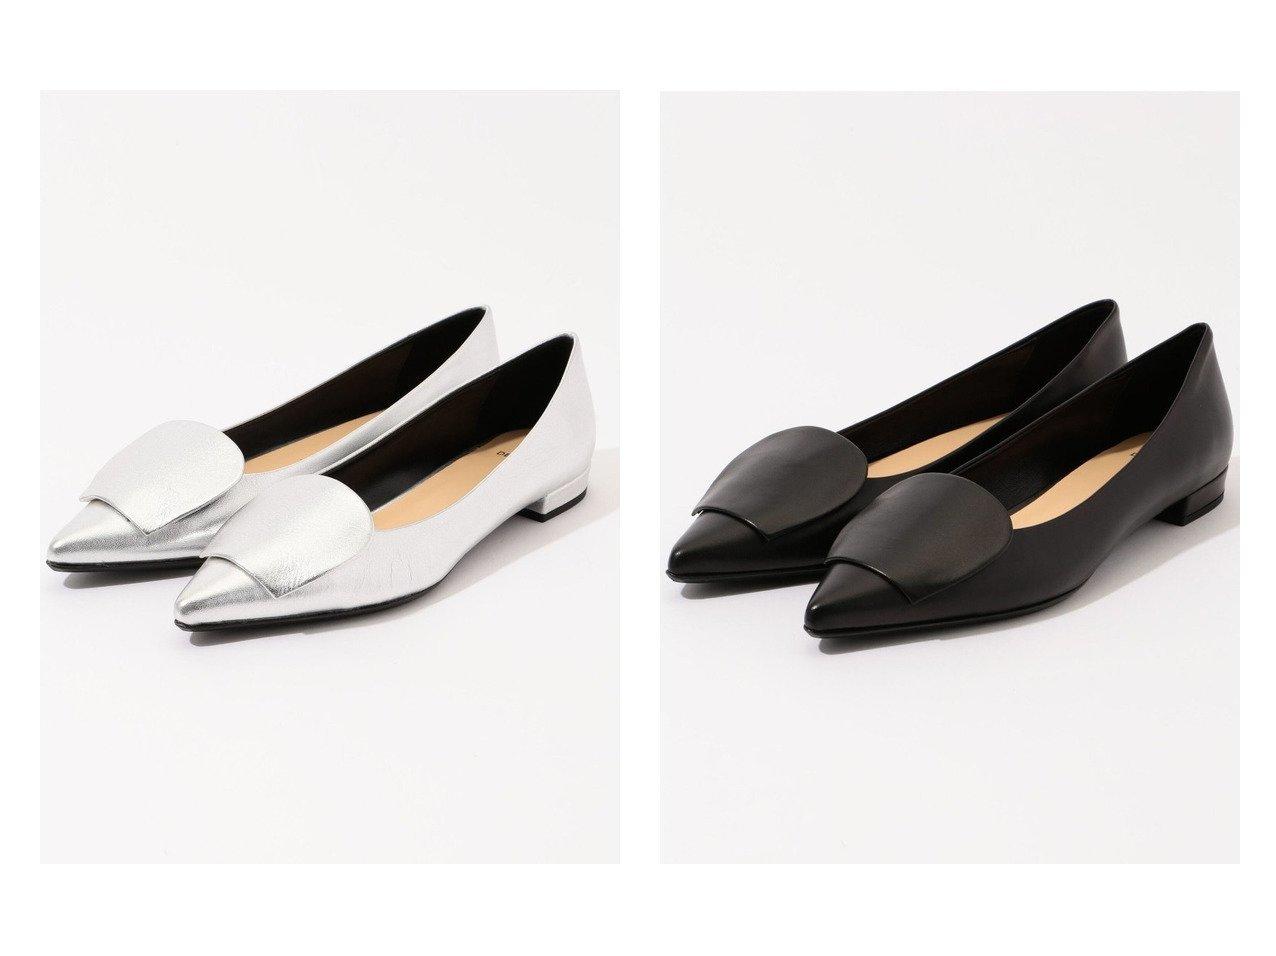 【DES PRES / TOMORROWLAND/デプレ】のDES PRES メタリックレザー フラットシューズ&DES PRES レザー フラットシューズ シューズ・靴のおすすめ!人気、トレンド・レディースファッションの通販  おすすめで人気の流行・トレンド、ファッションの通販商品 メンズファッション・キッズファッション・インテリア・家具・レディースファッション・服の通販 founy(ファニー) https://founy.com/ ファッション Fashion レディースファッション WOMEN NEW・新作・新着・新入荷 New Arrivals シューズ フラット 今季 シンプル |ID:crp329100000009811